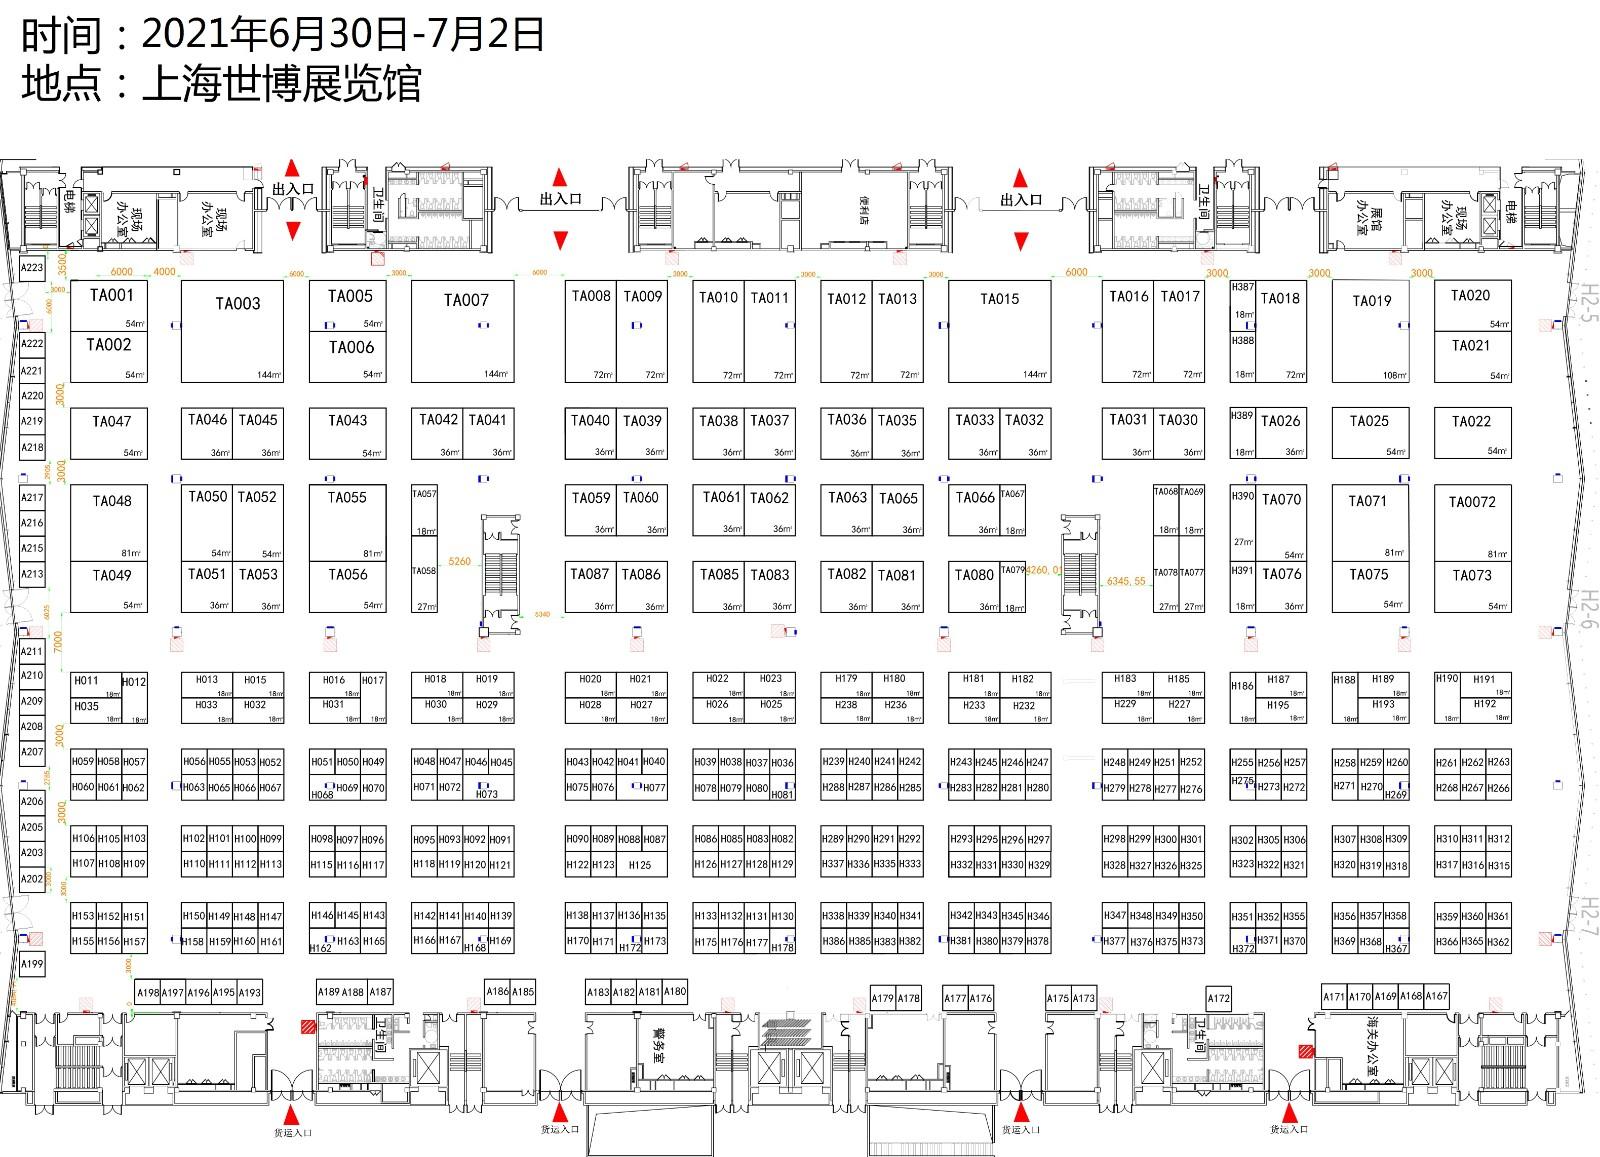 2021世博馆展位图(1).jpg